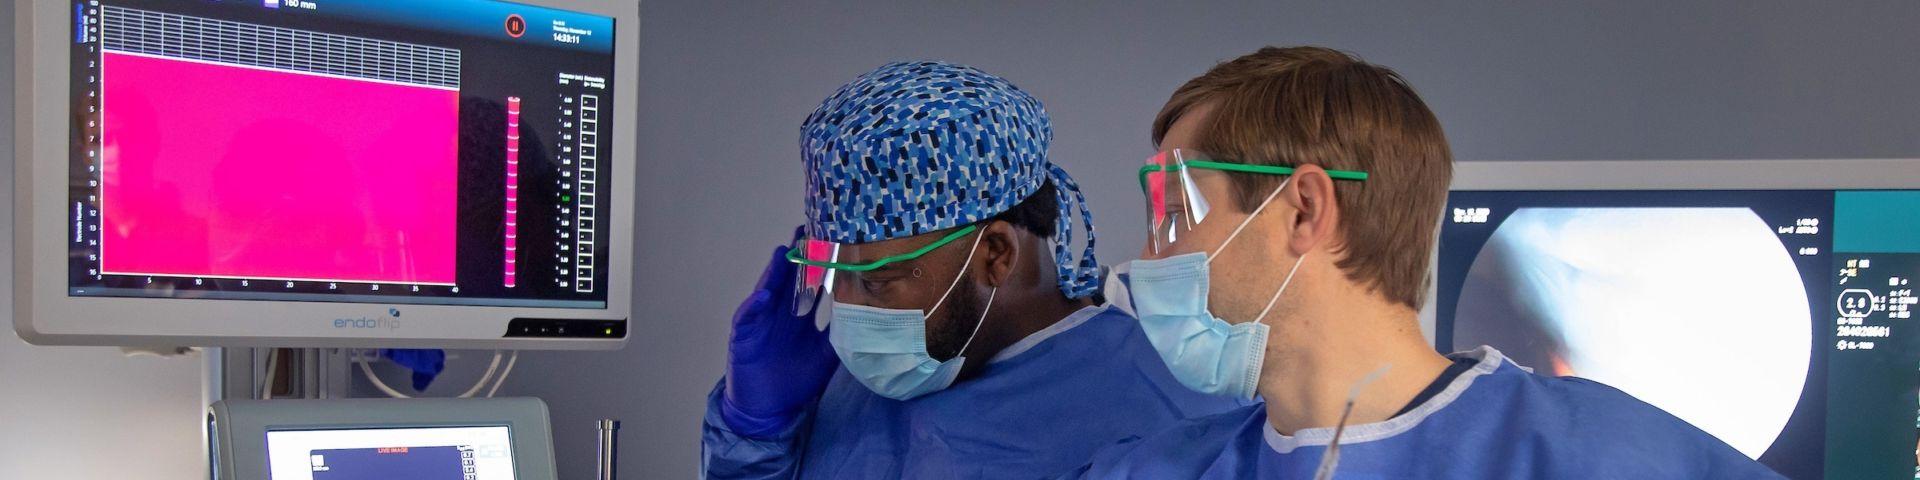 Niland surgery